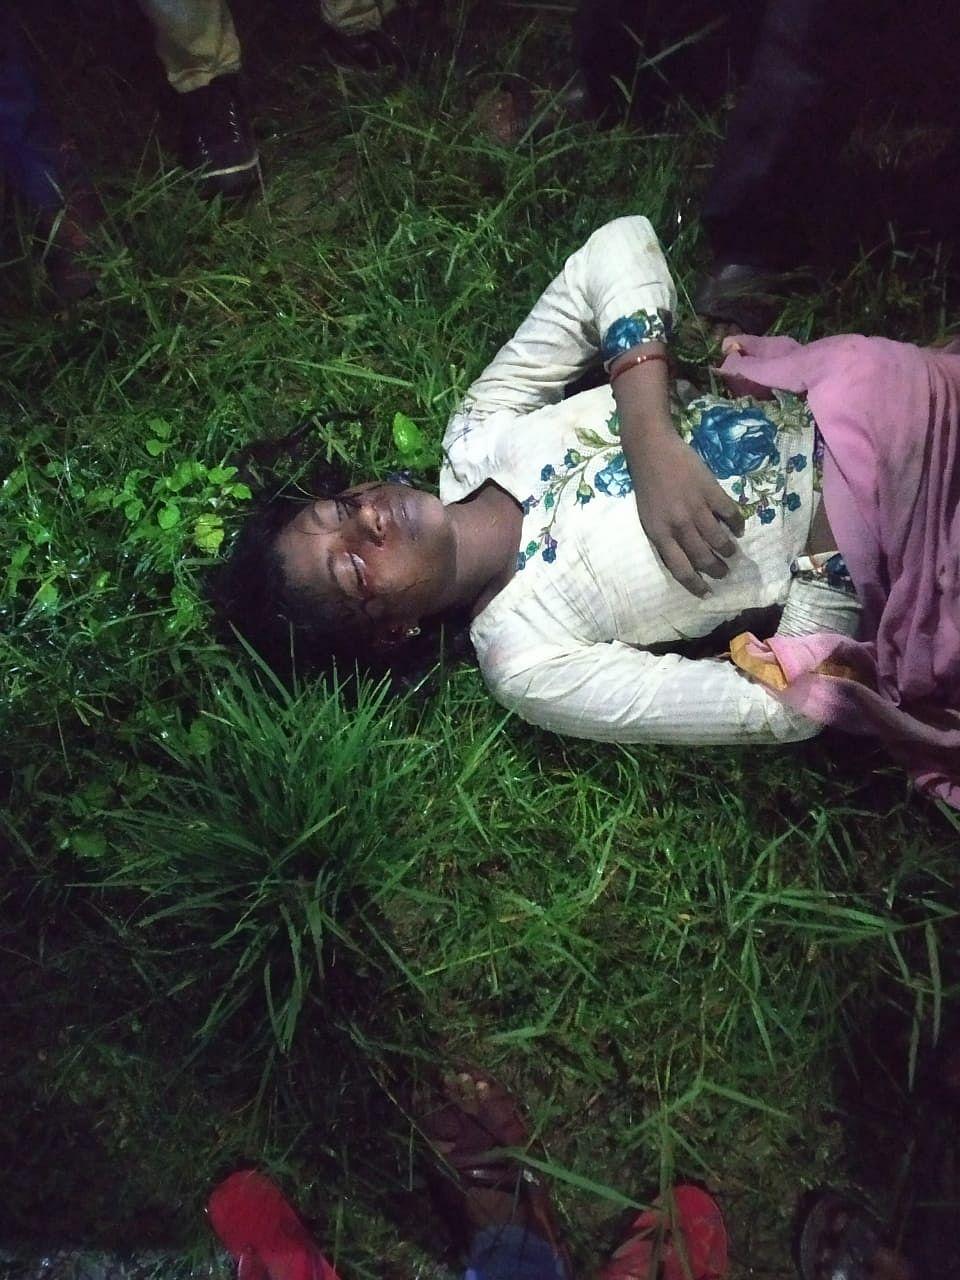 दहेज के नाम पर ससुराल वालों ने की बहू की हत्या